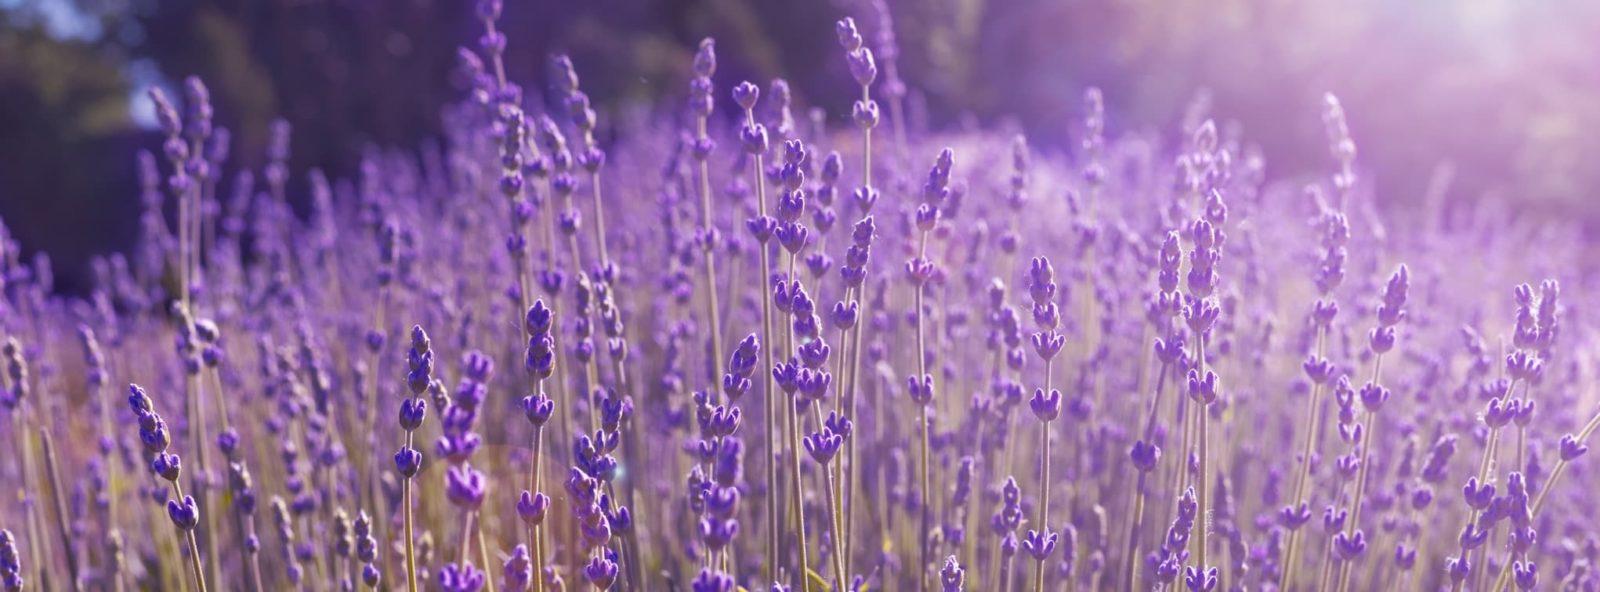 vibrant purple lavender in a field